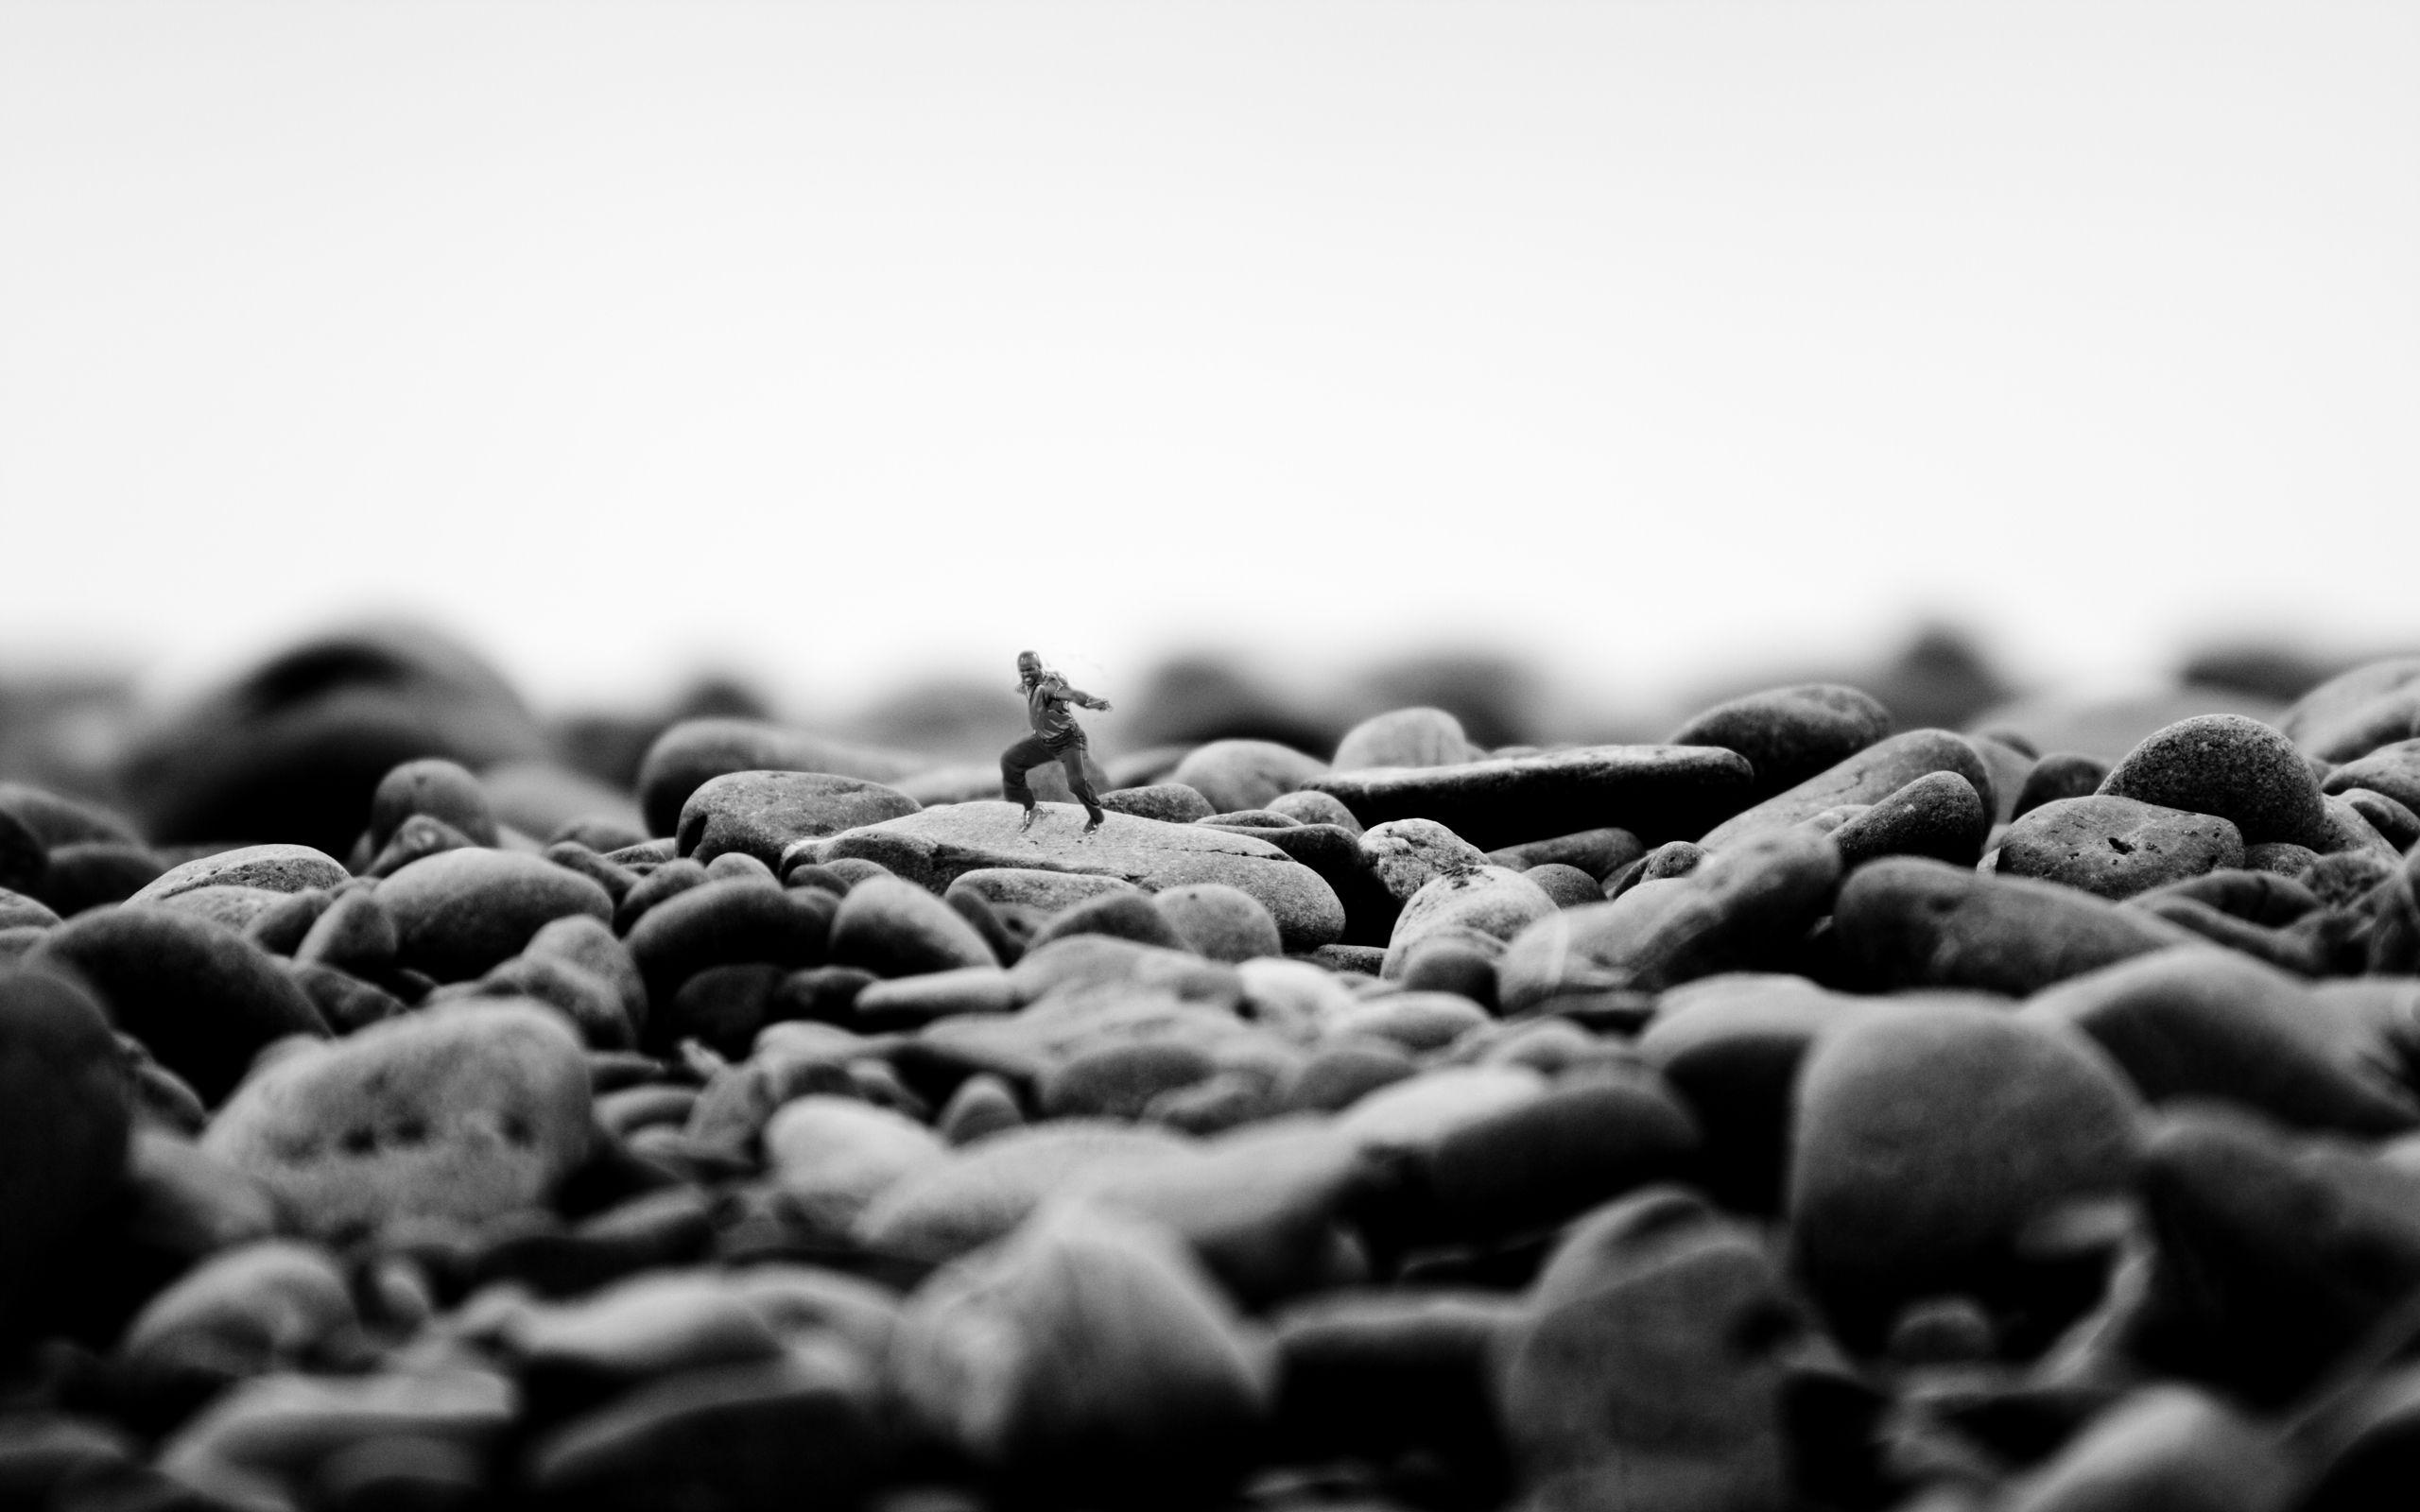 Pin Von Asti De Chaosqueen Auf Backgrounds Schwarz Weiß Schwarz Weiss Bilder Bilder